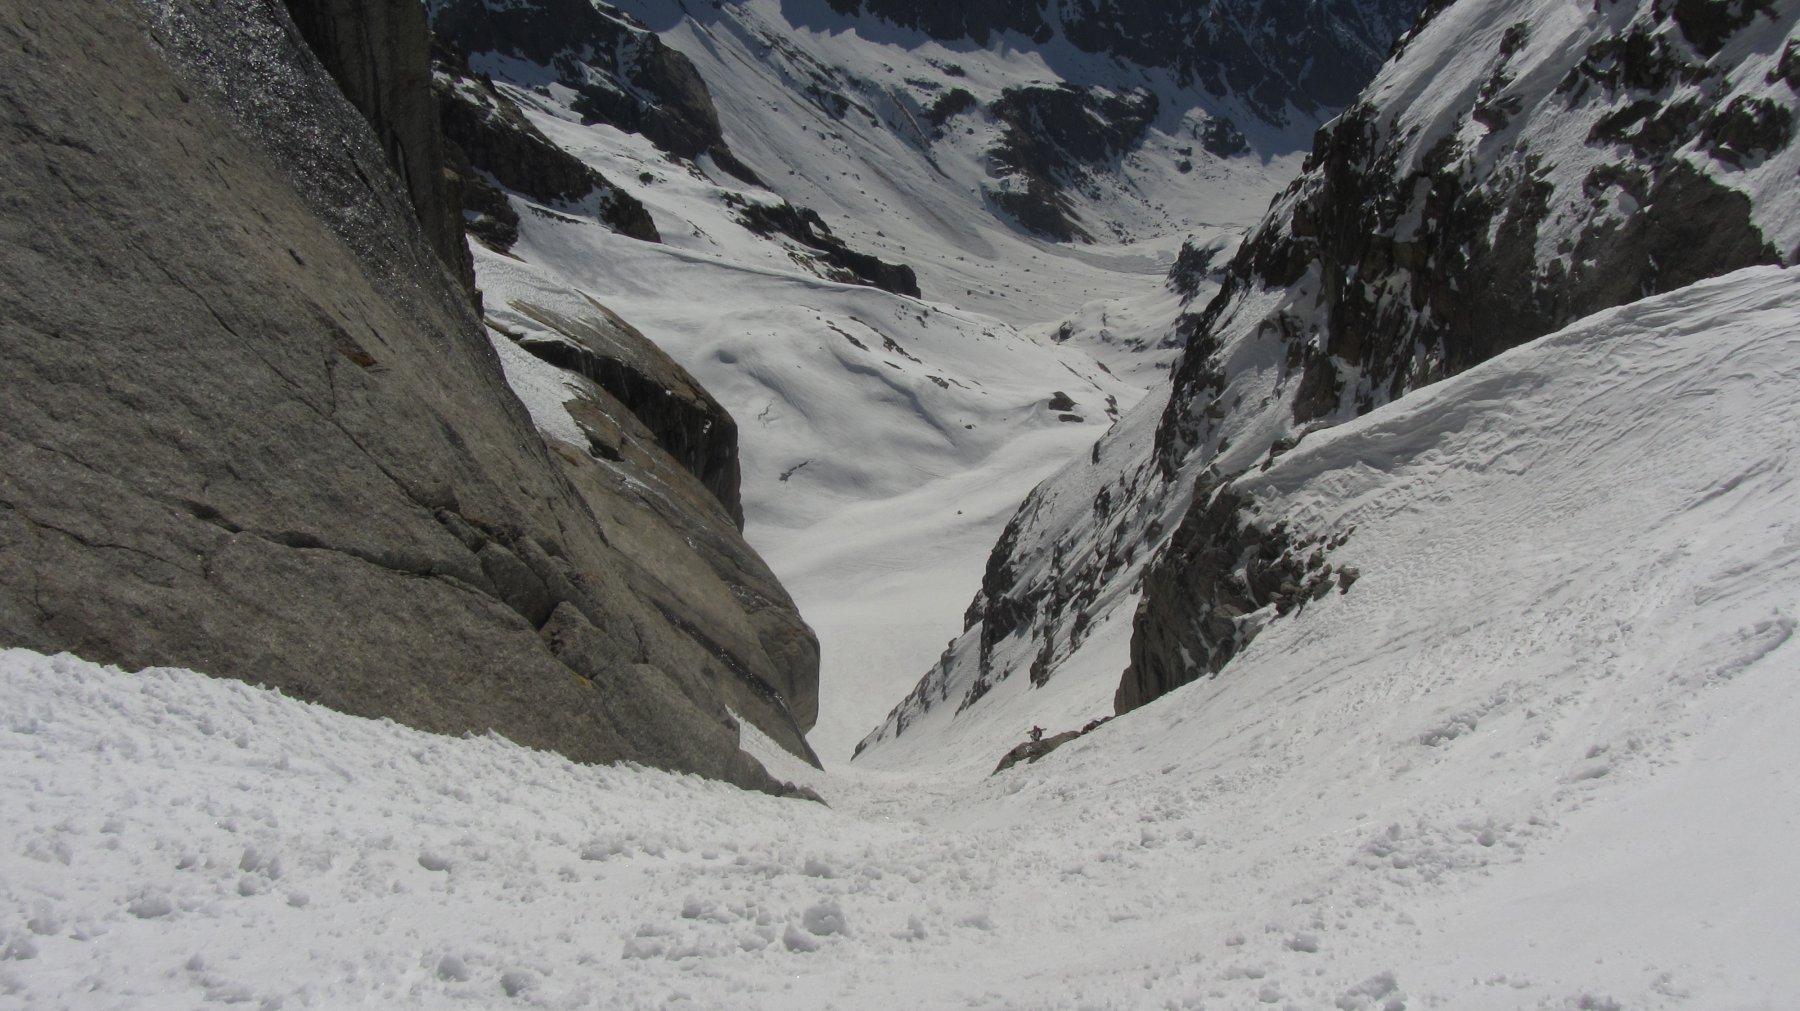 Il canale che dà accesso al ghiaccio superiore